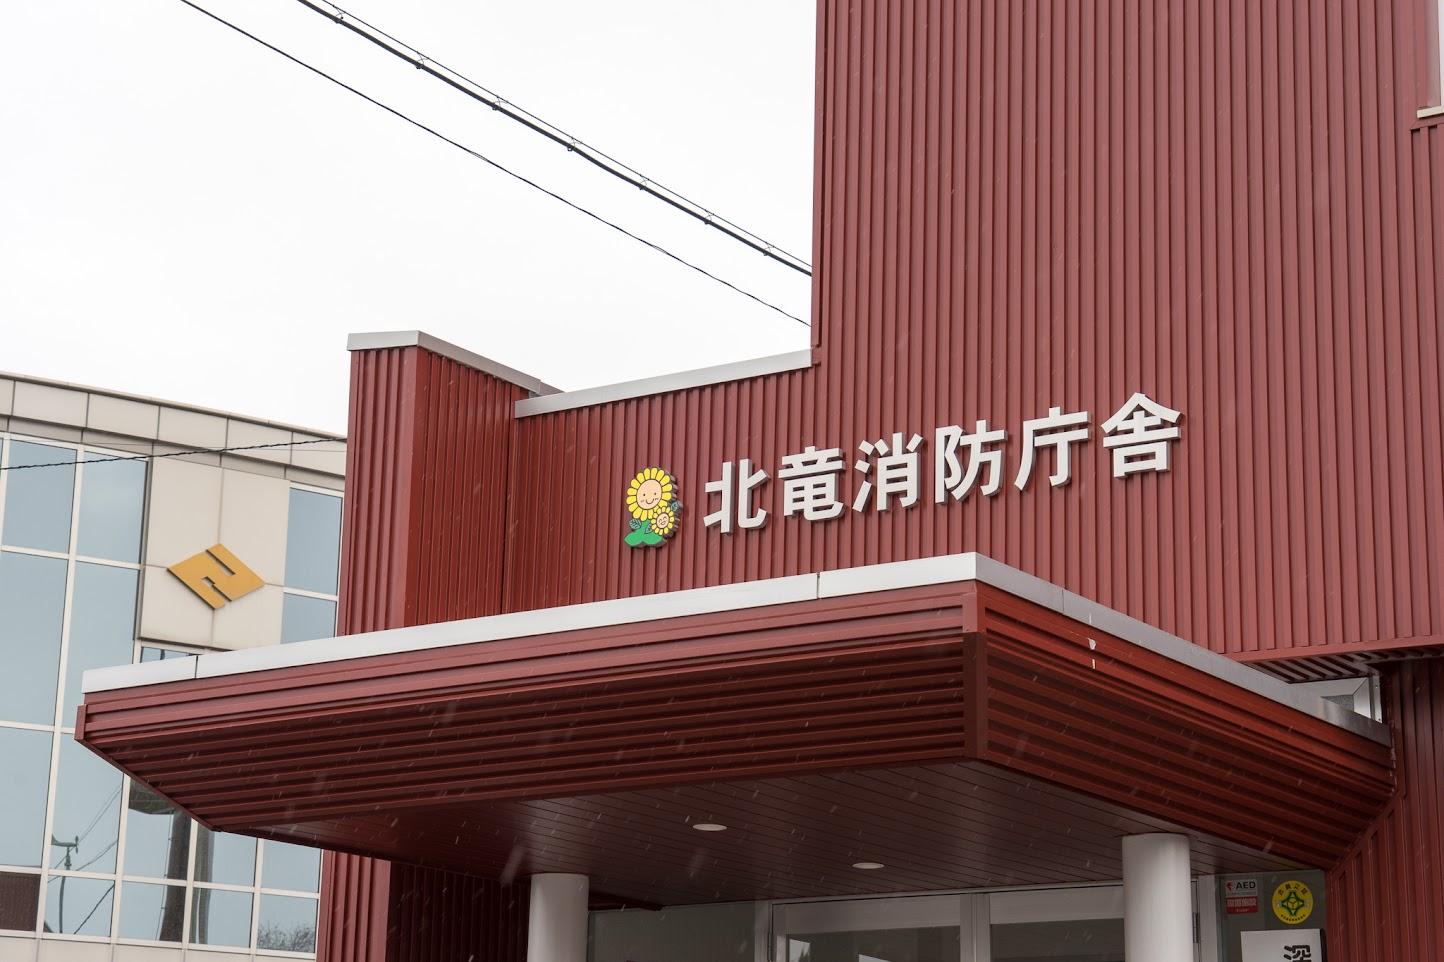 改築後の北竜消防庁舎